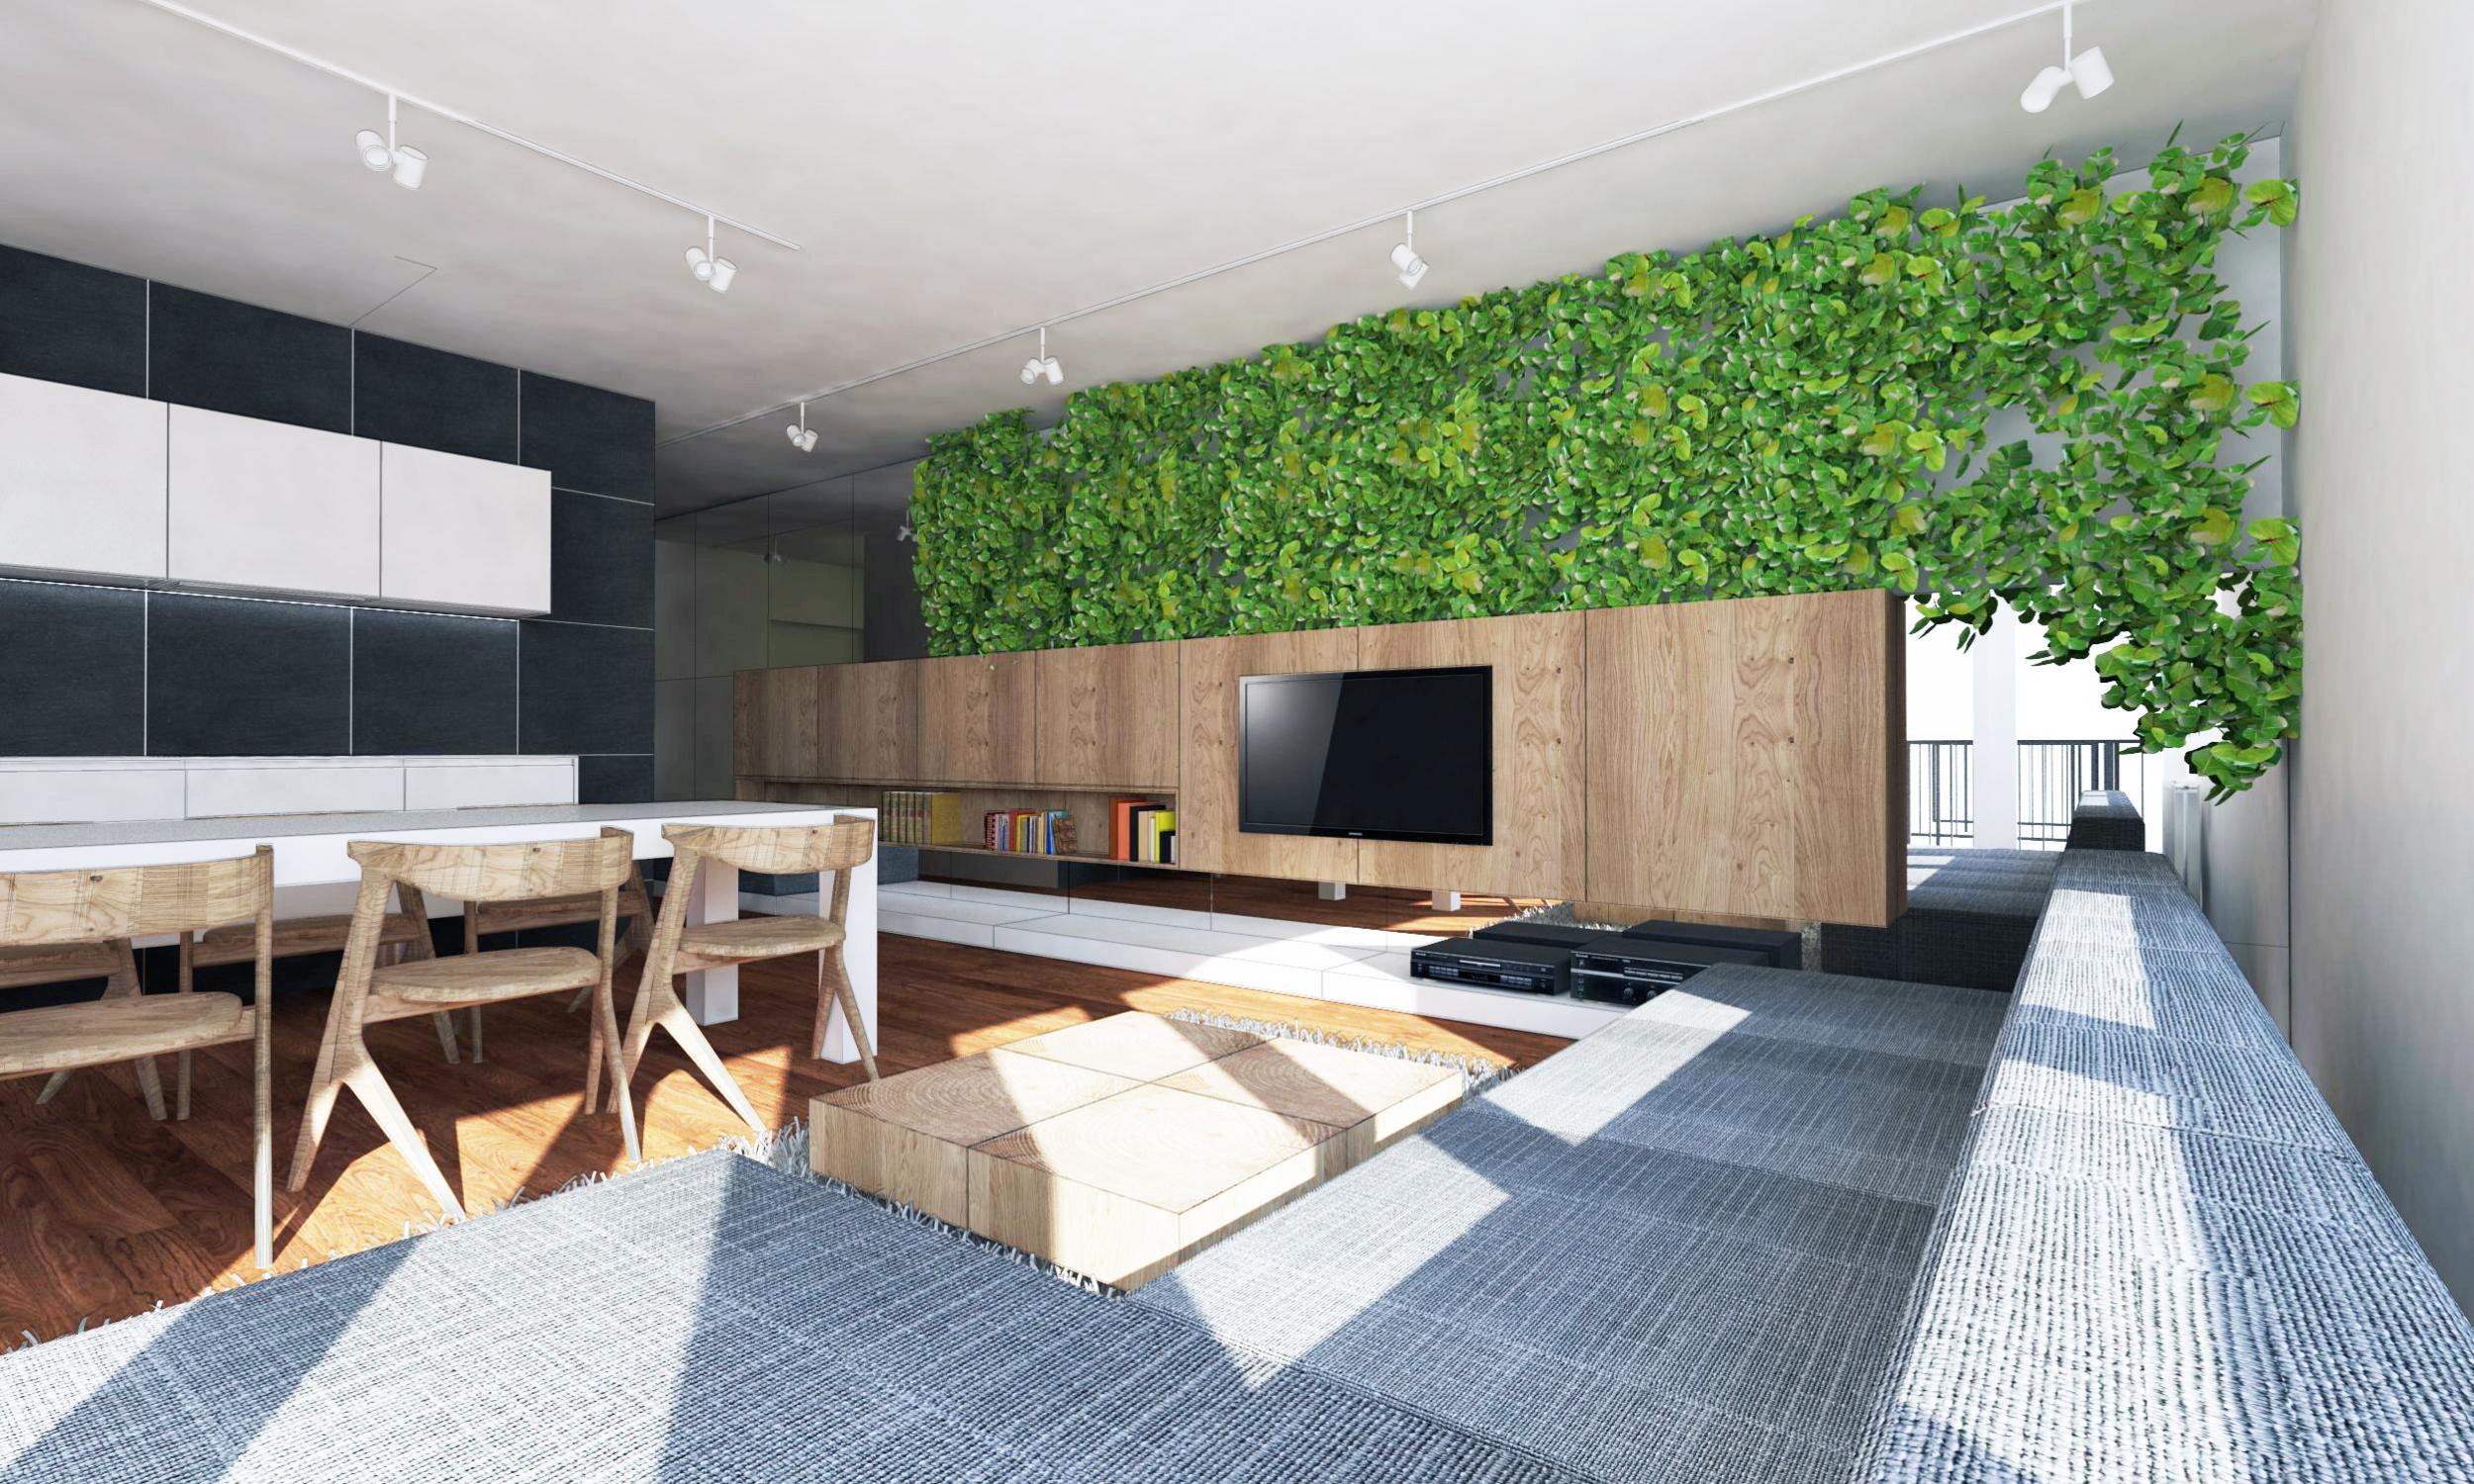 Erfreut Innenarchitektur Küche Wohnzimmer Galerie - Küche Set Ideen ...